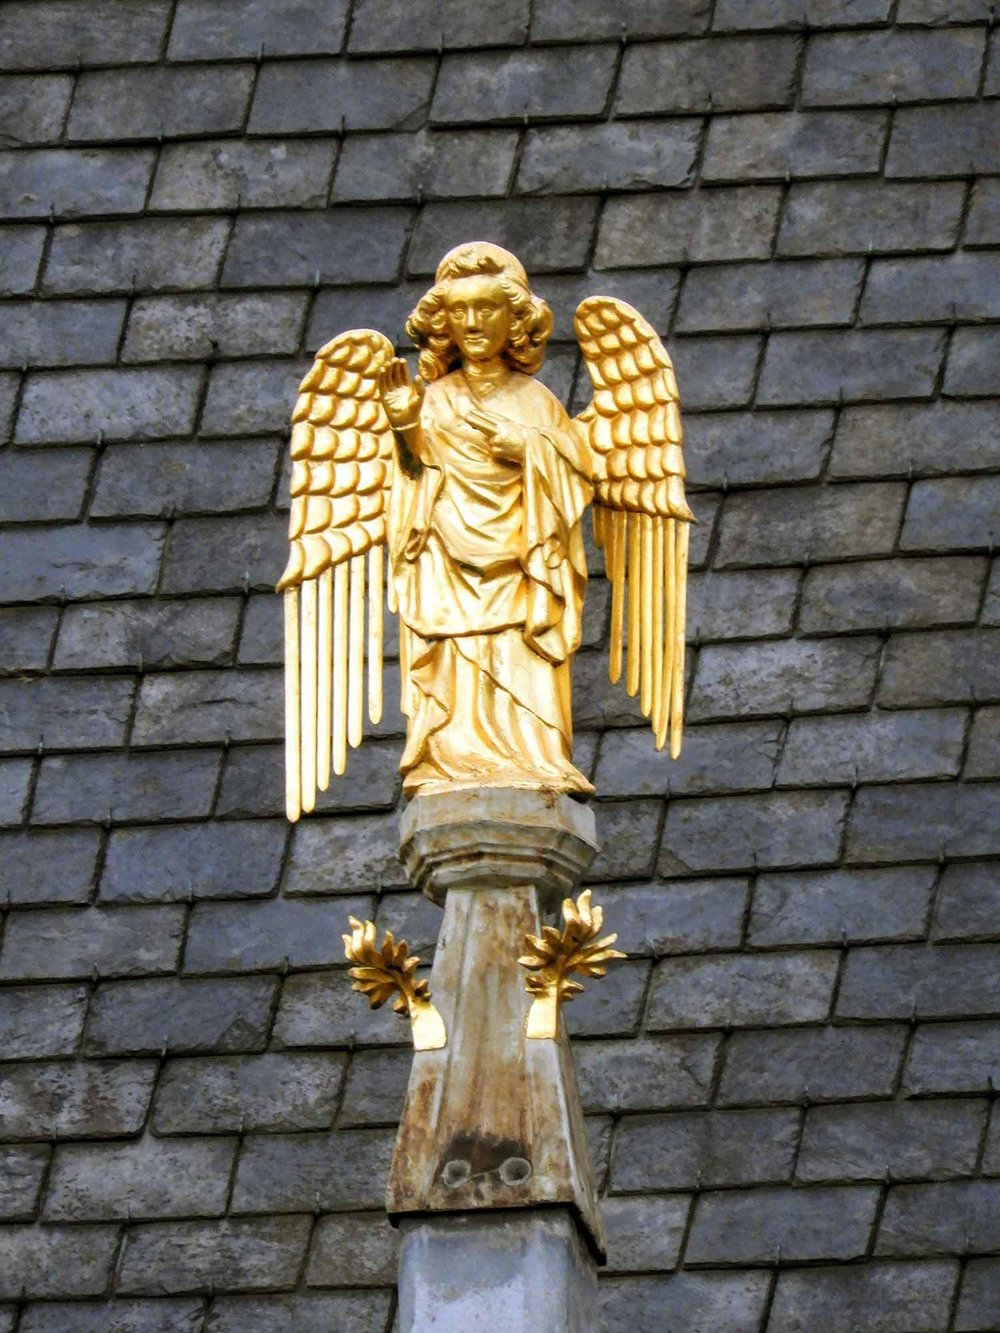 belgium-bruges-golden-eagle.jpg